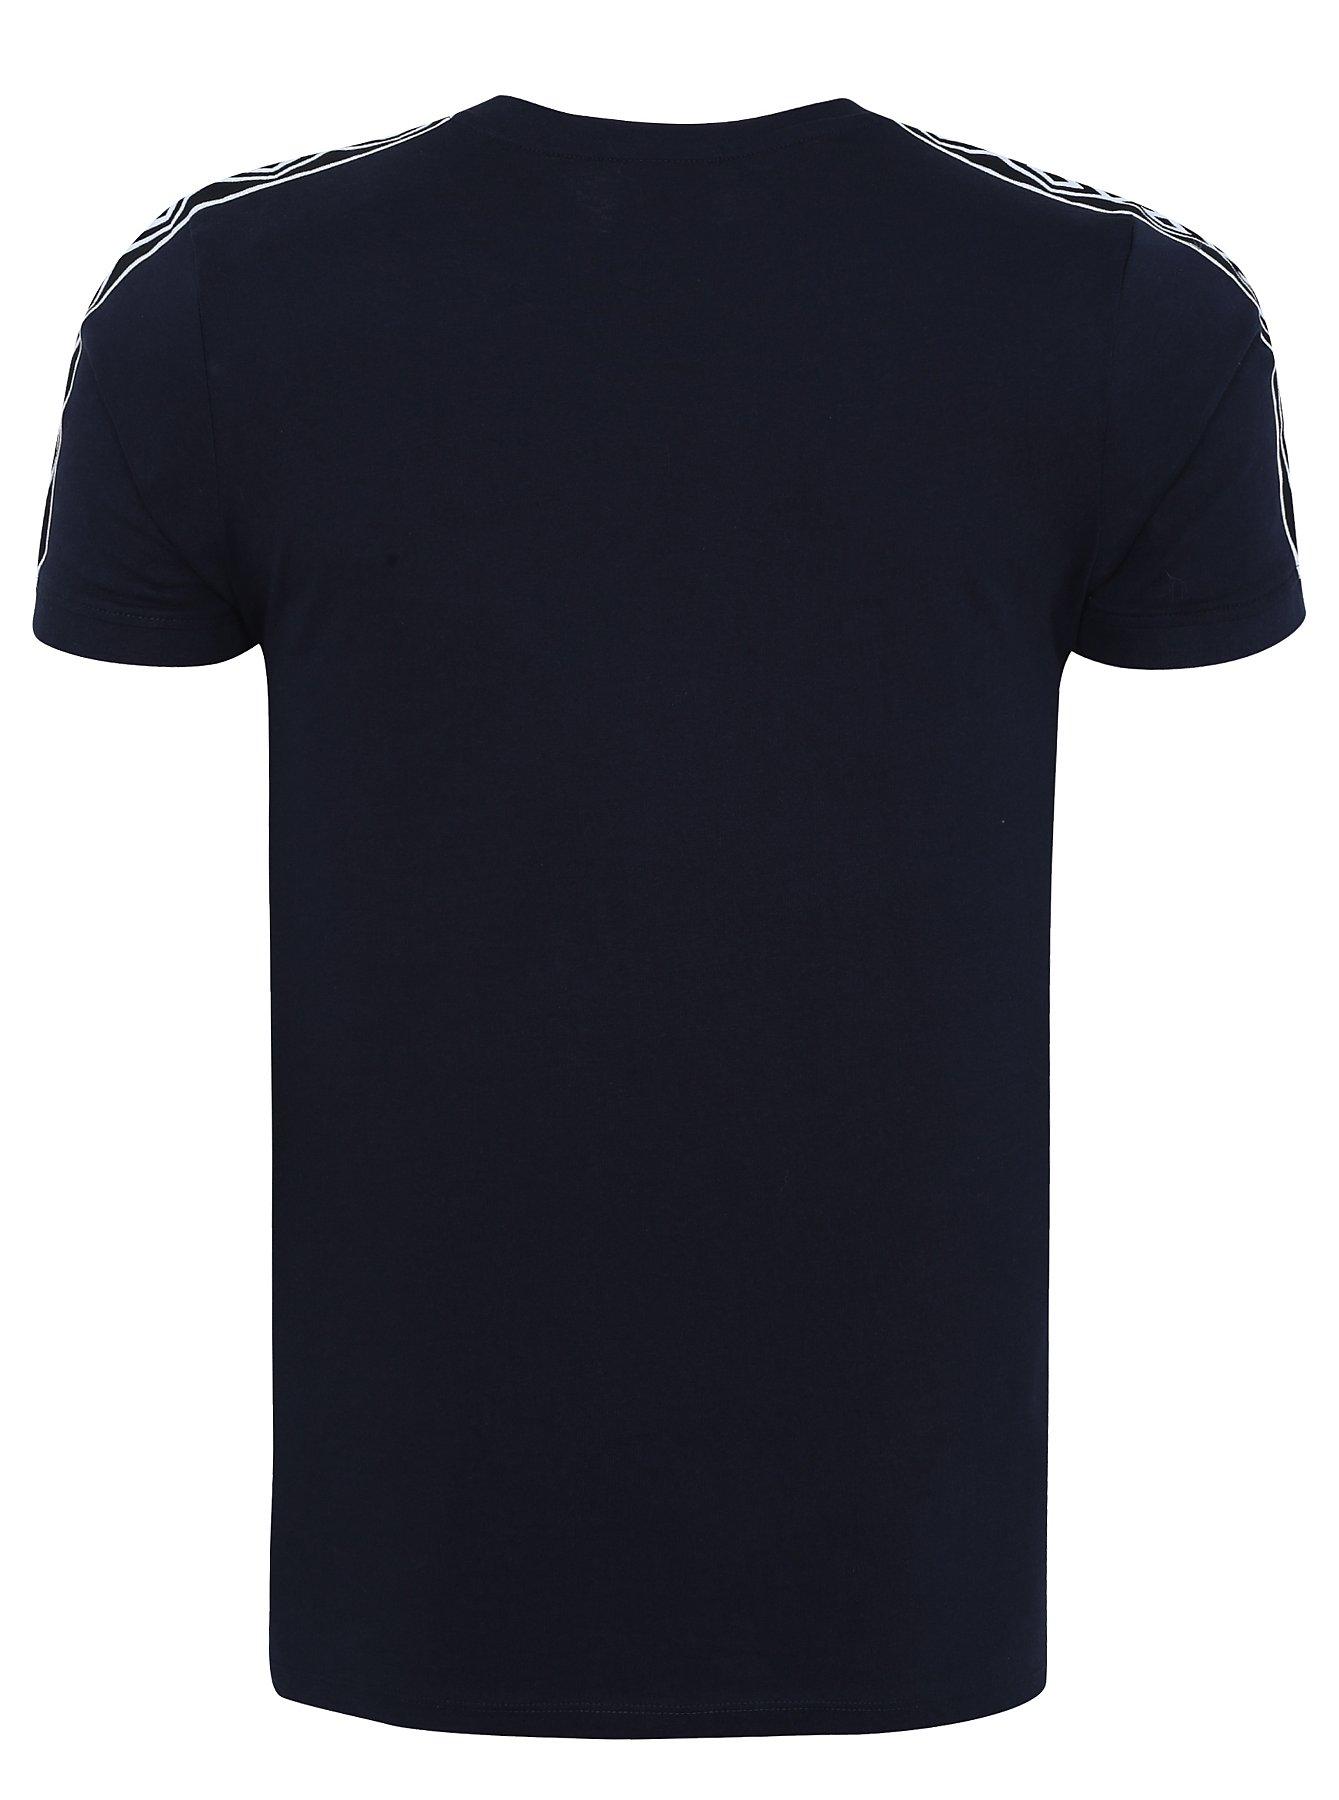 Black umbro t shirt - Black Umbro T Shirt 23